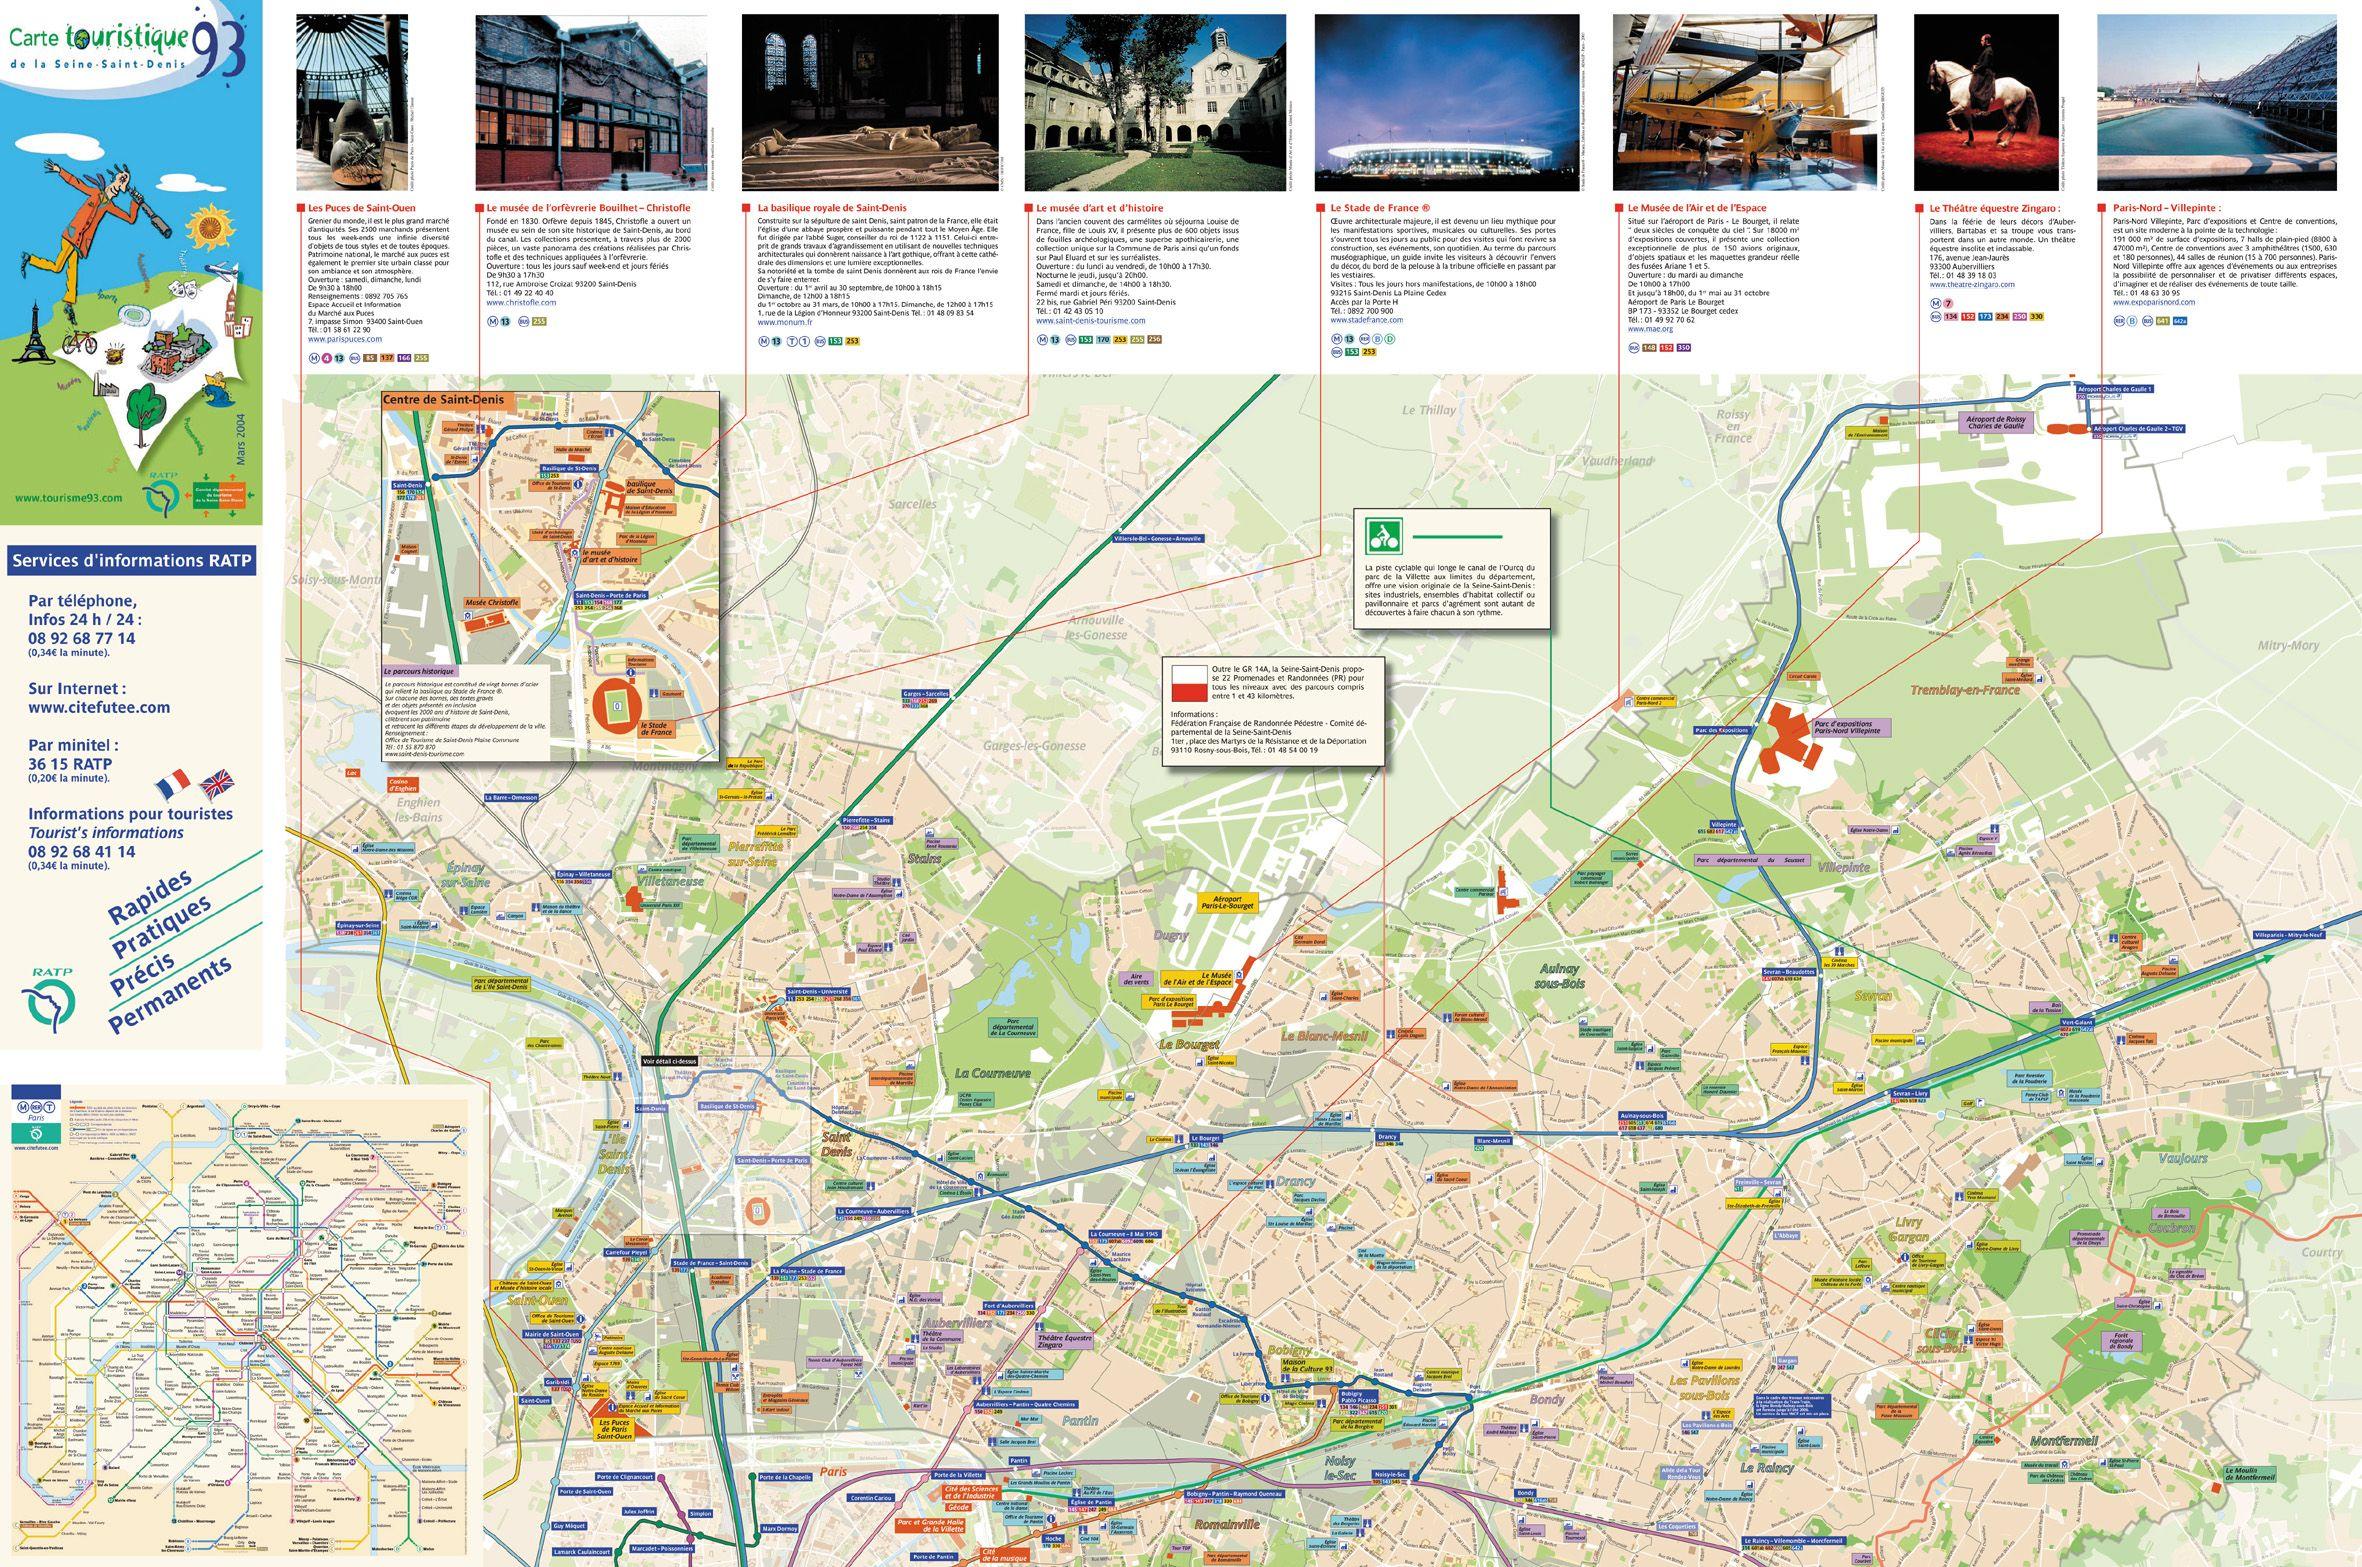 Plan de la seine saint denis 93 et grands sites touristiques - Chambre de commerce seine saint denis ...